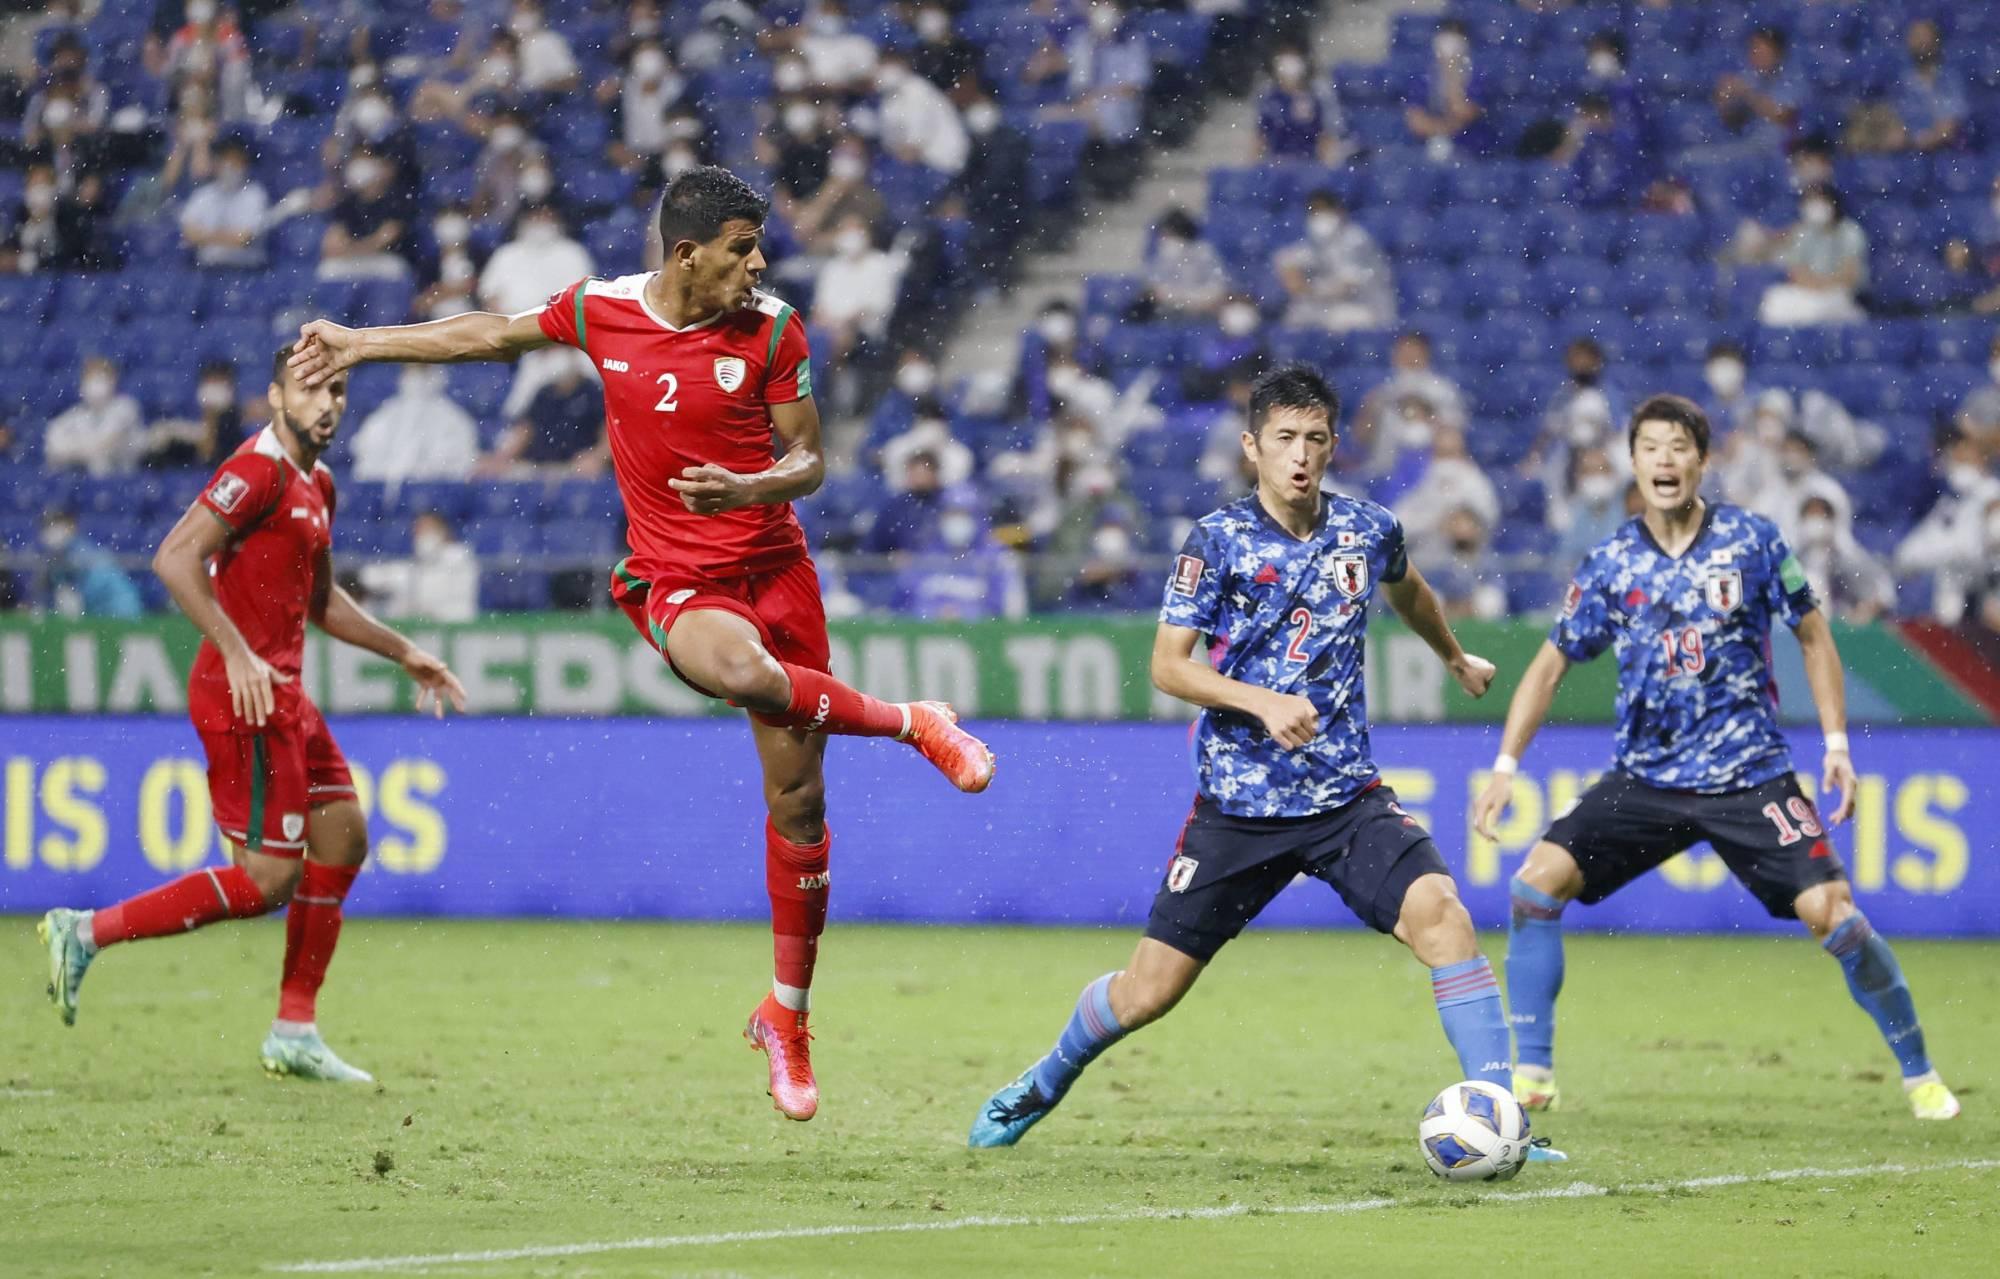 Nhật Bản chịu thua sốc 0-1 trước Oman ngay lượt trận đầu tiên của bảng B vòng loại World Cup 2022